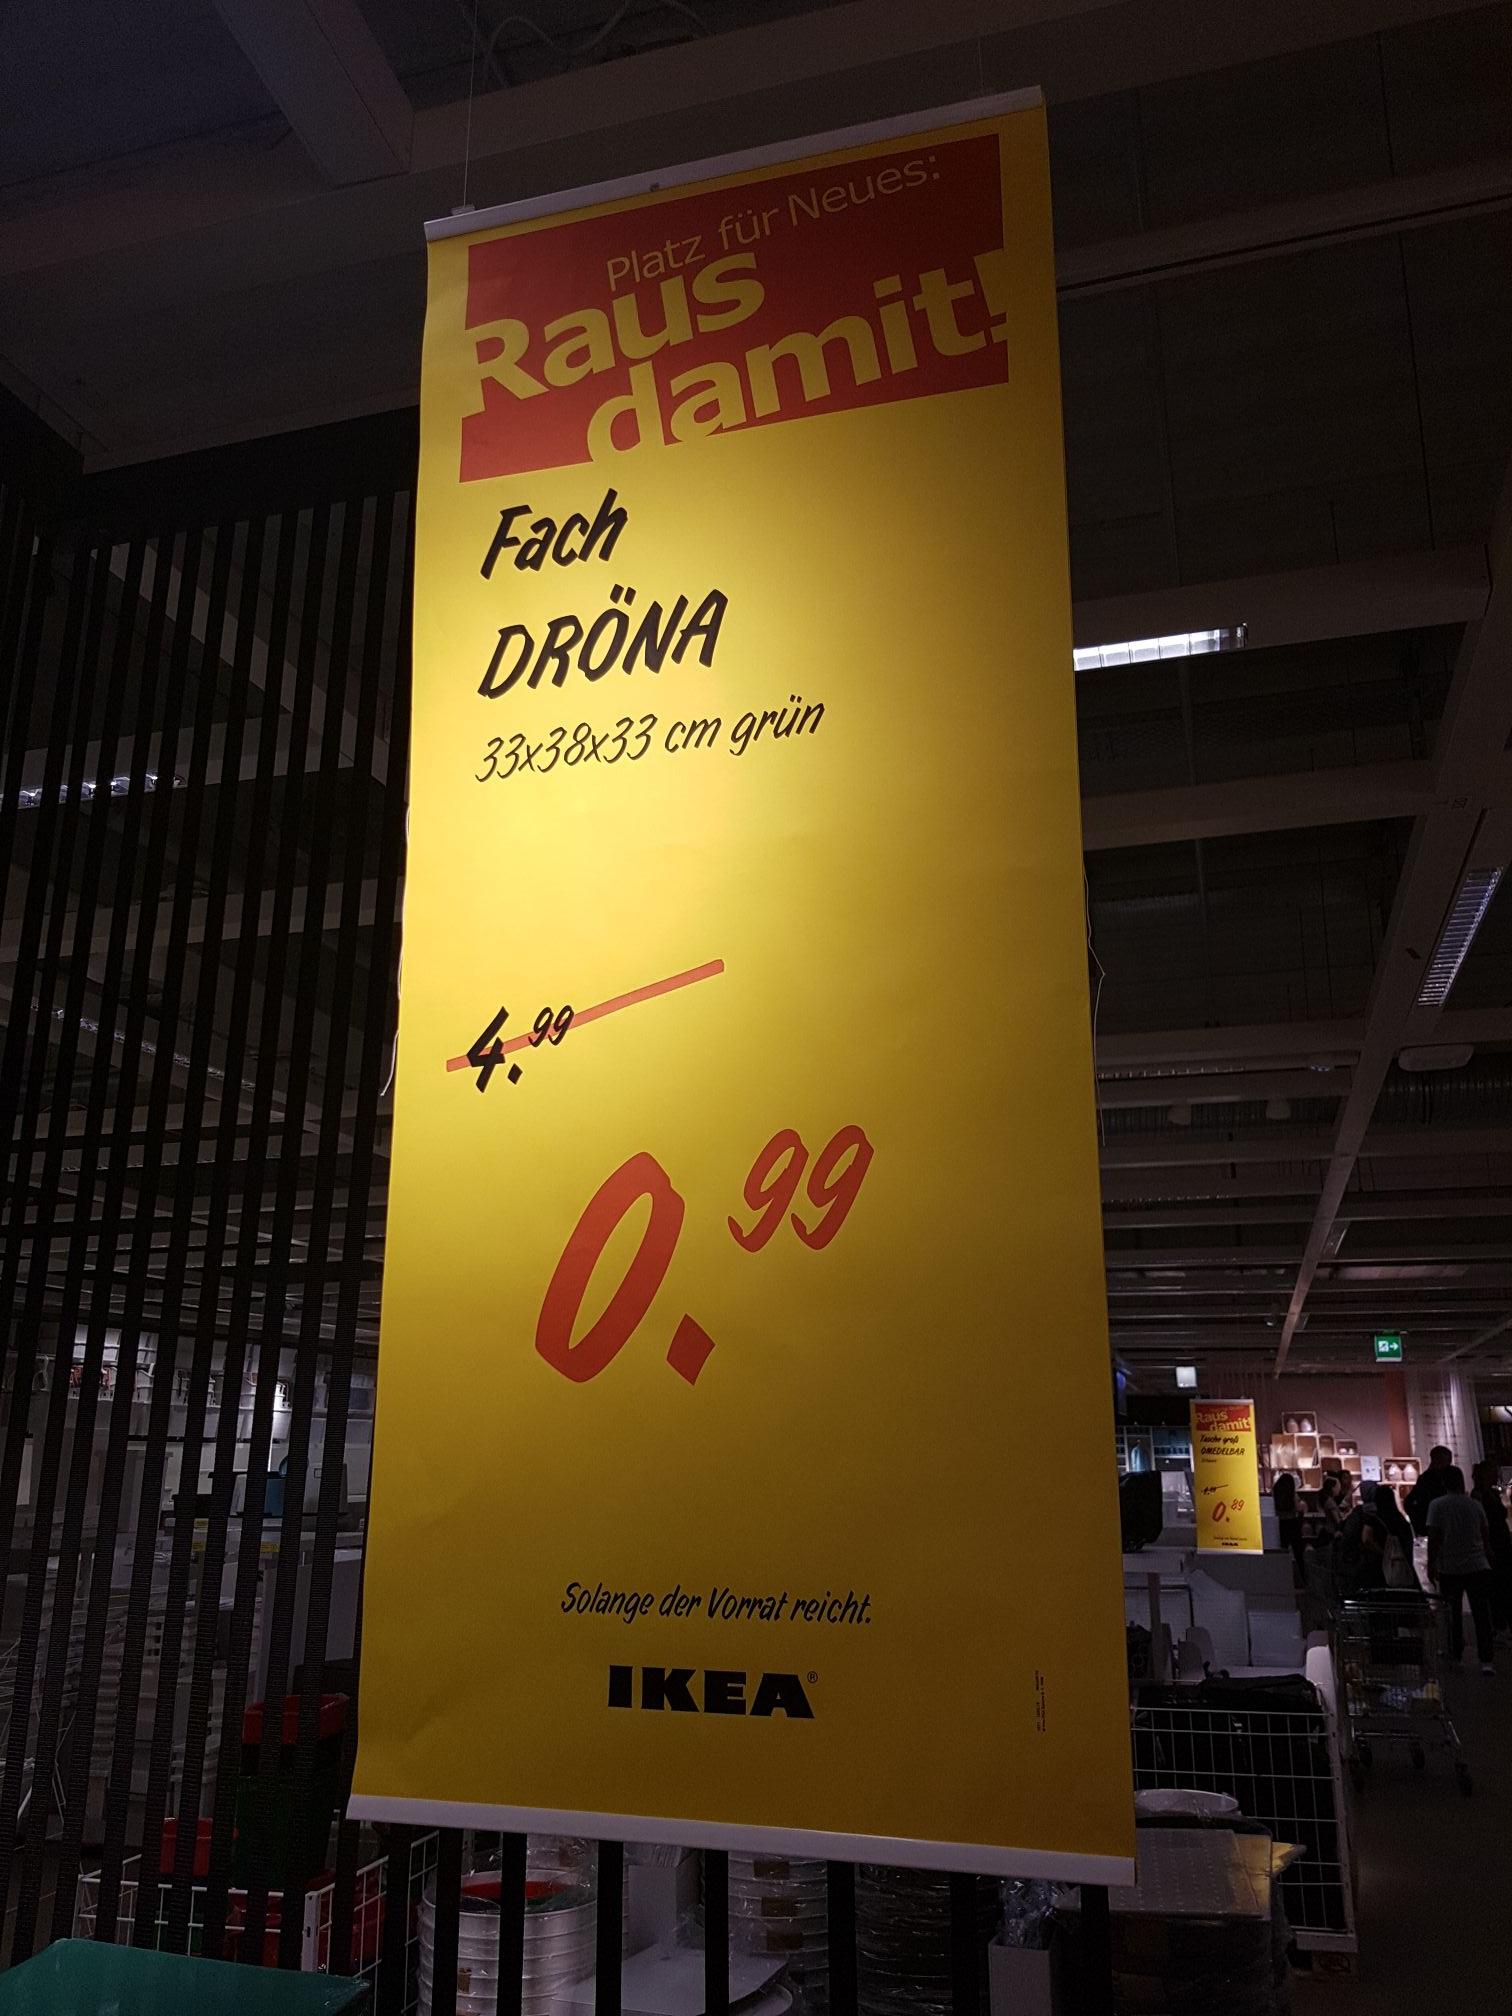 Lokal Ikea Berlin Tempelhof  Dröna fach